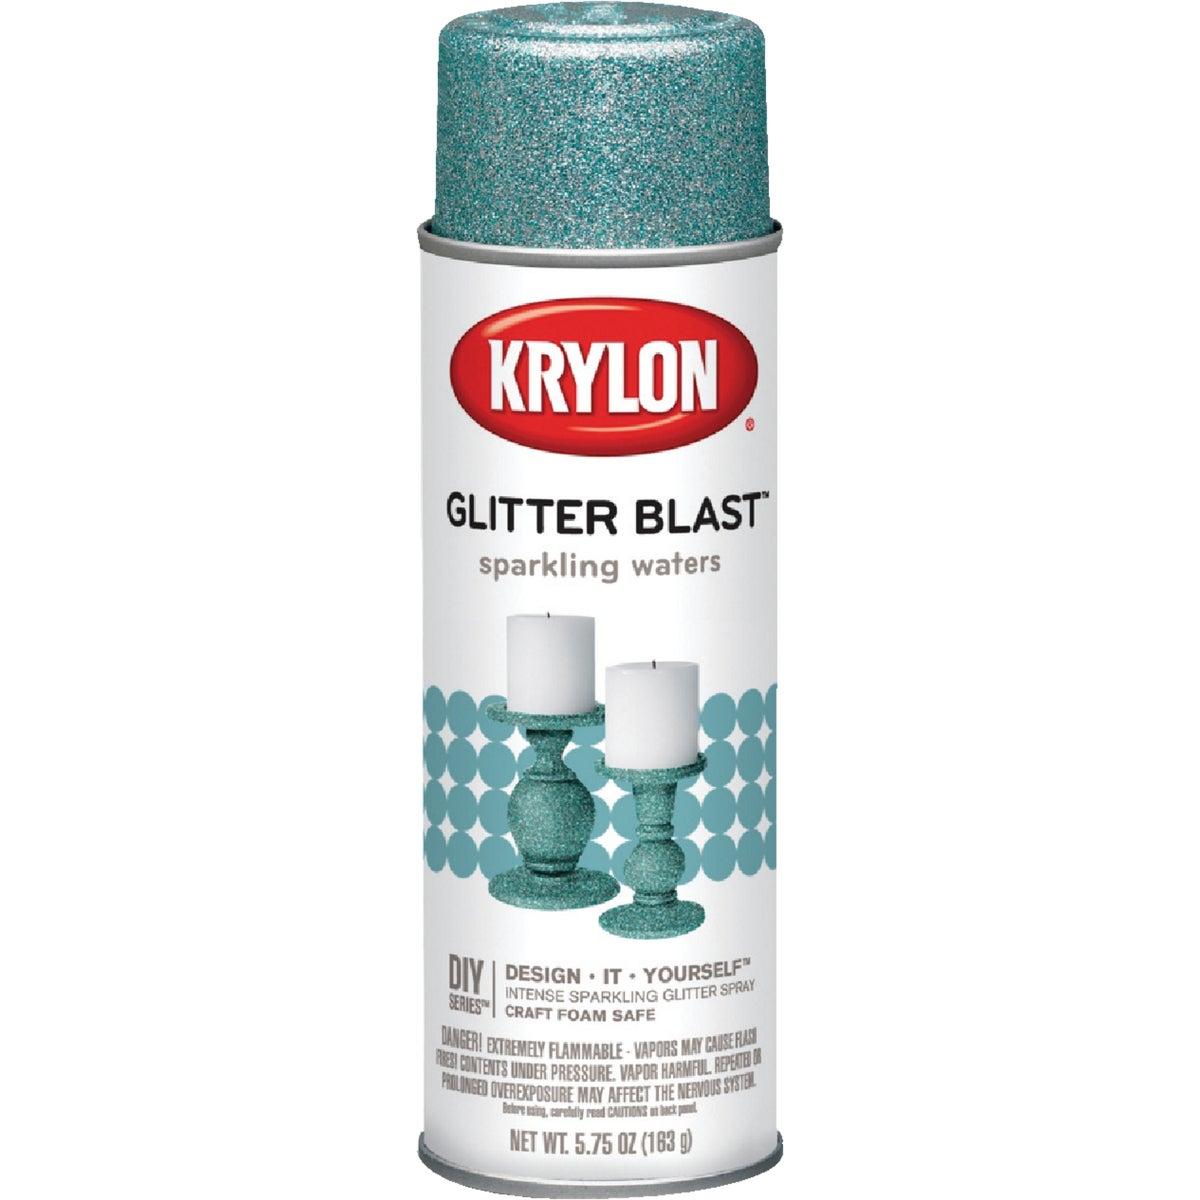 SPRKLN WTR GLITTER SPRAY - K03810000 by Krylon/consumer Div